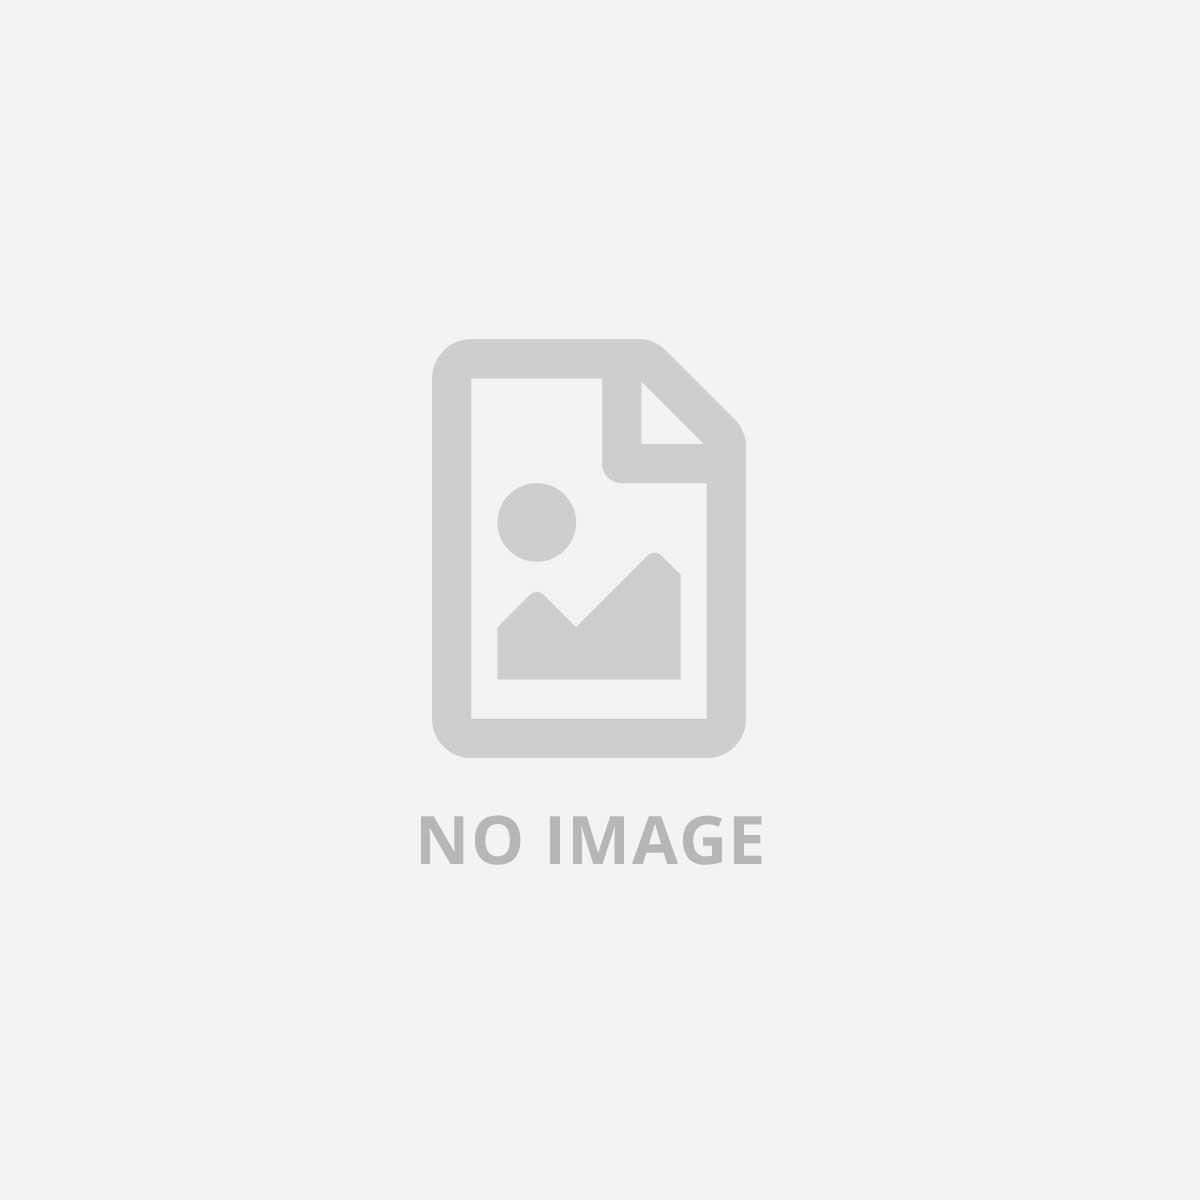 MAXELL PILA STILO  LR 6  AA   BLIST.2 PILE